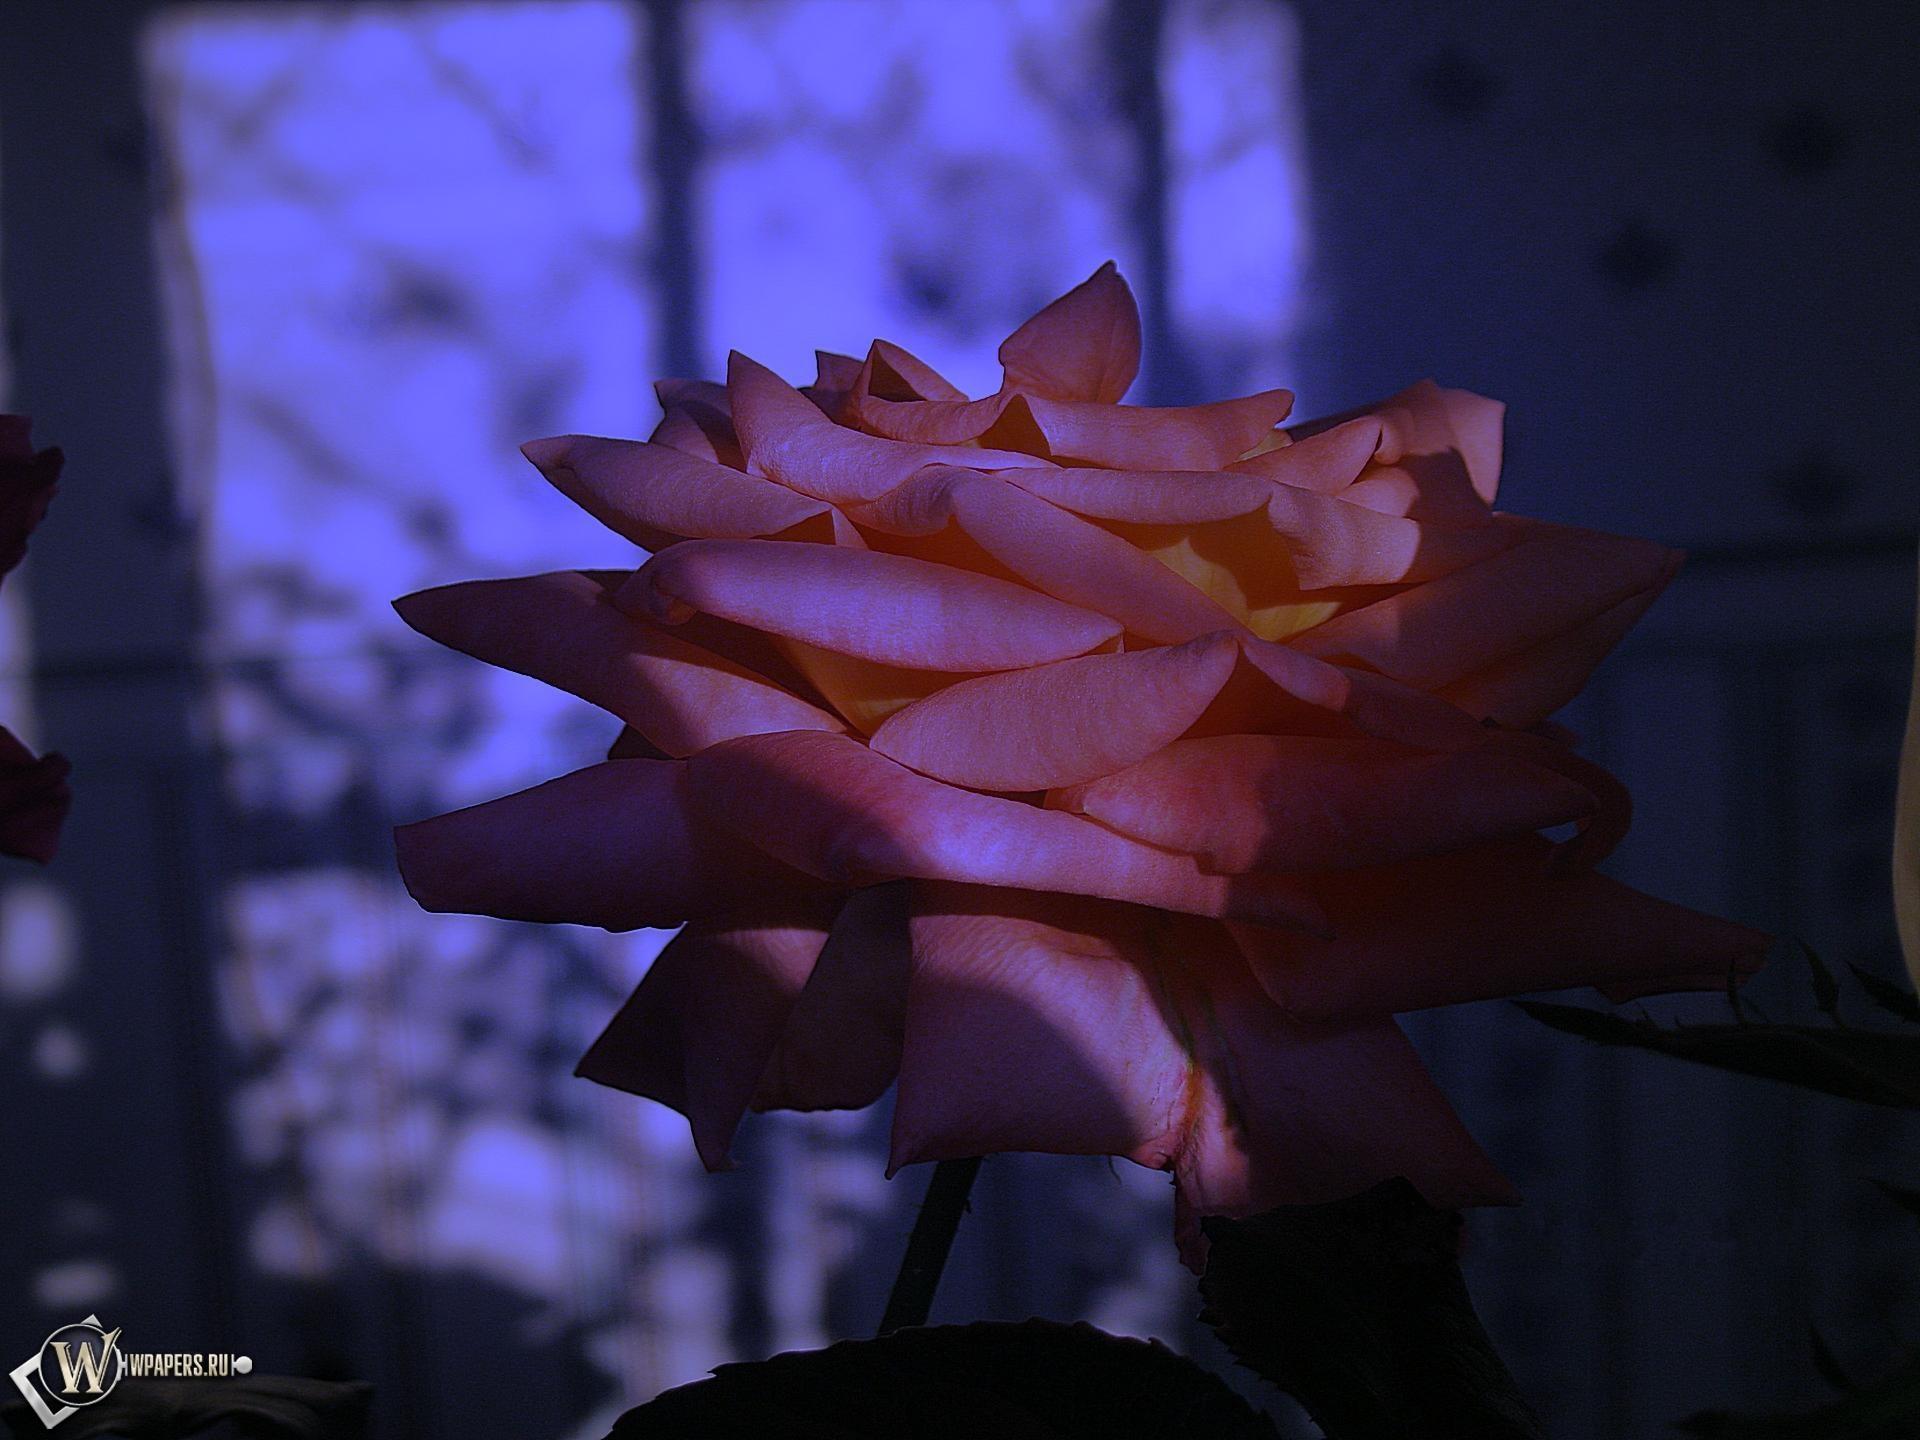 Сумеречная роза 1920x1440